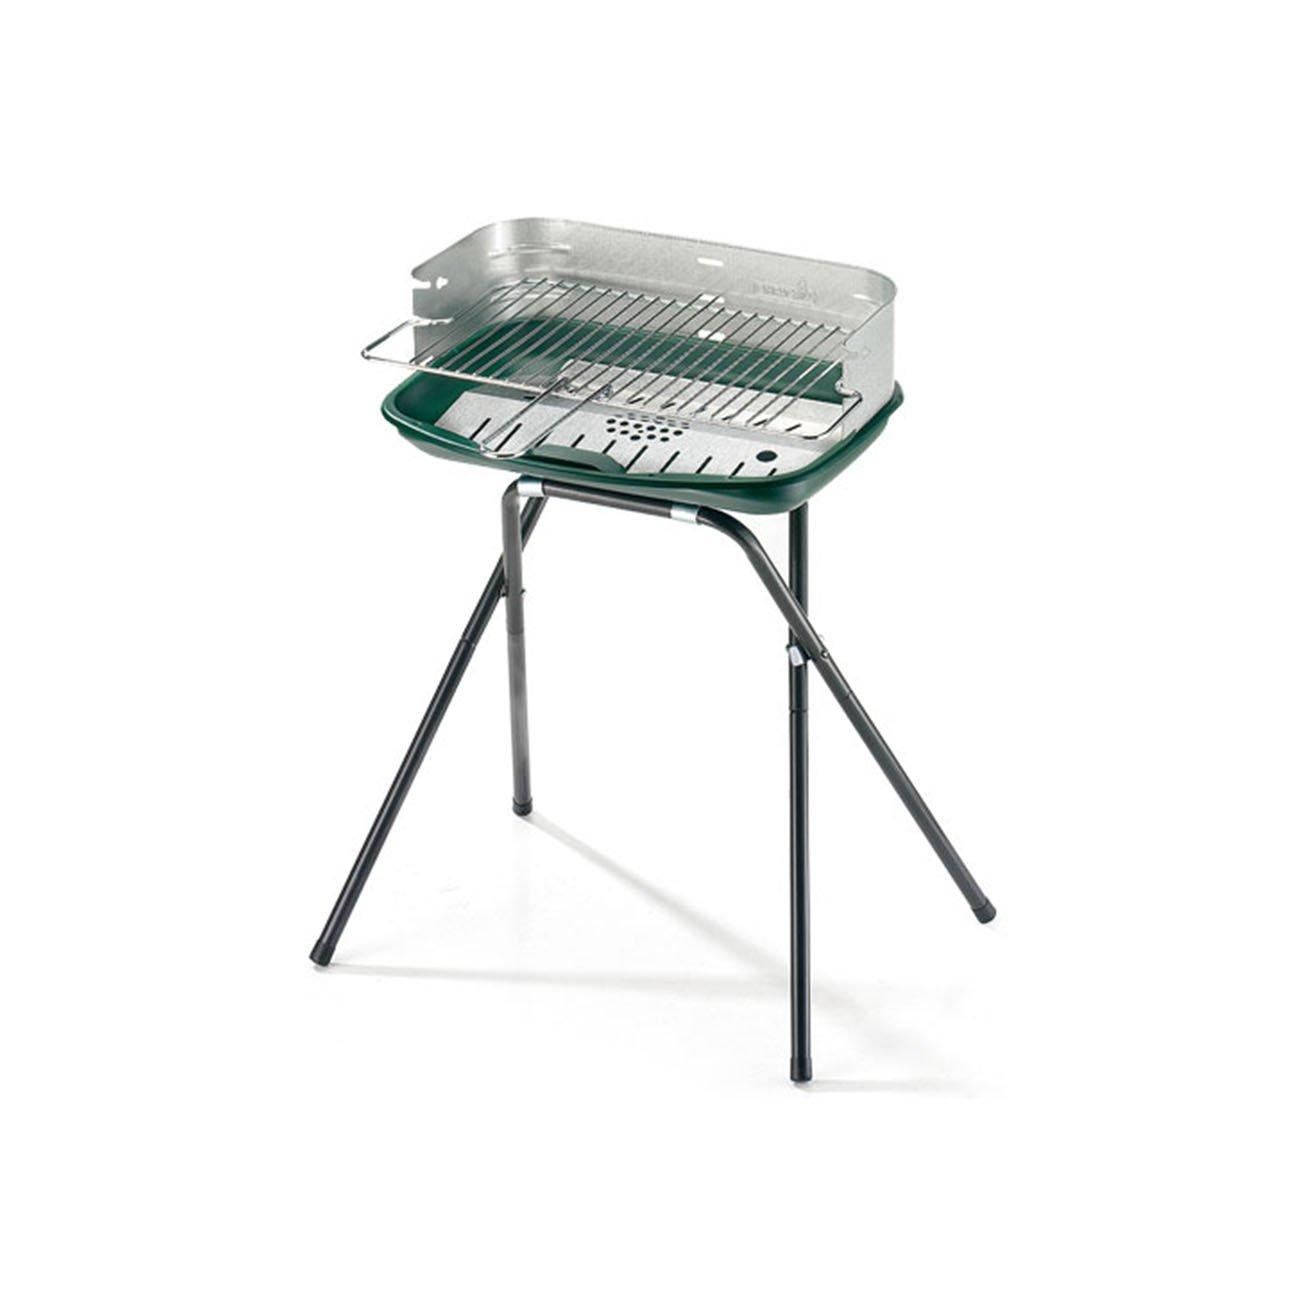 Barbecue 98 ergo – Kleine Elektrogeräte Sommer OMPAGRILL online bestellen